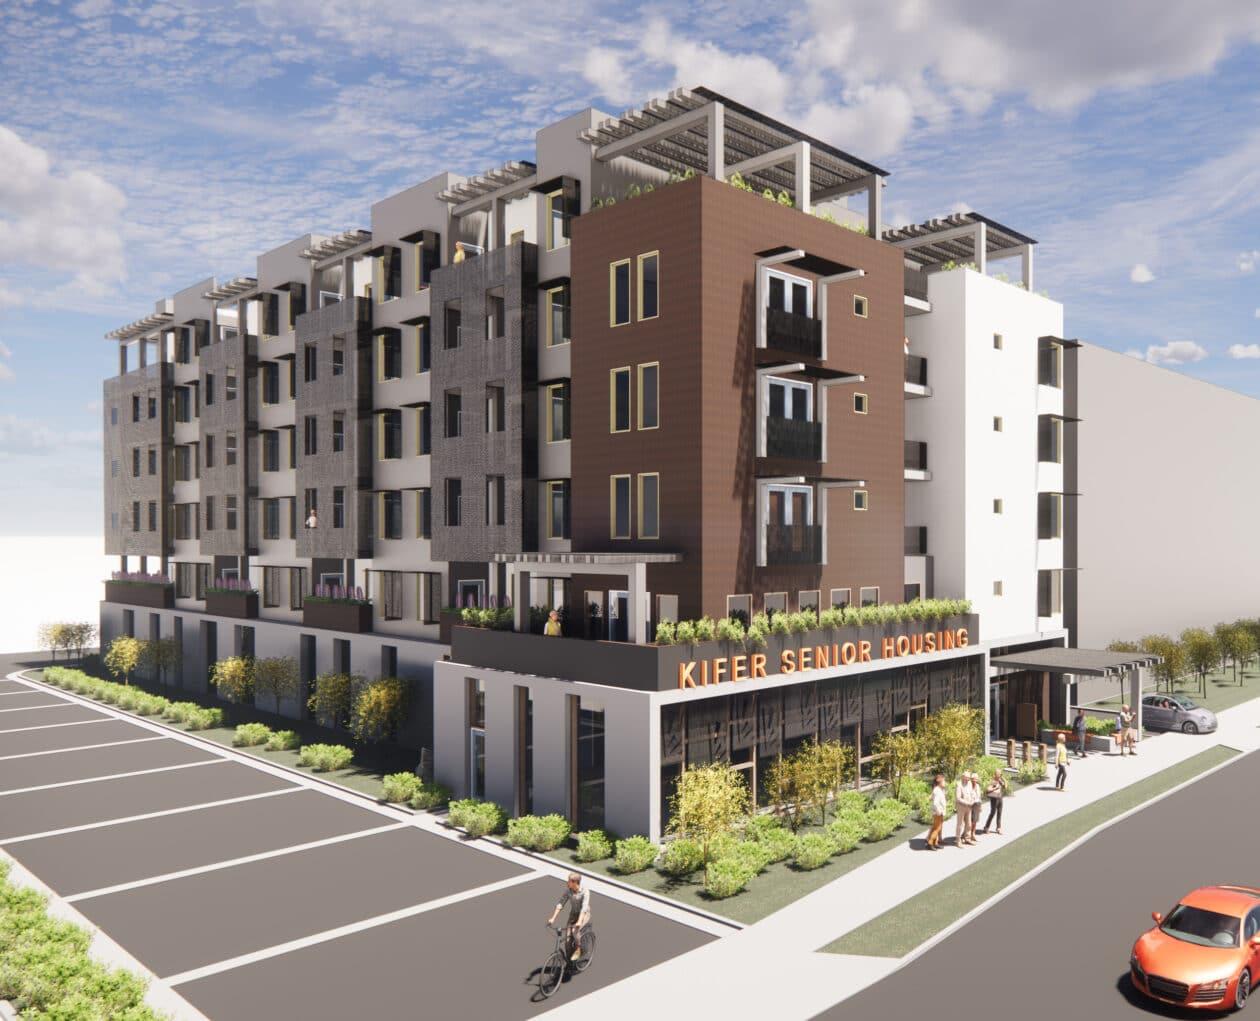 Casas acessíveis do programa de combate à crise imobiliária na Califórnia